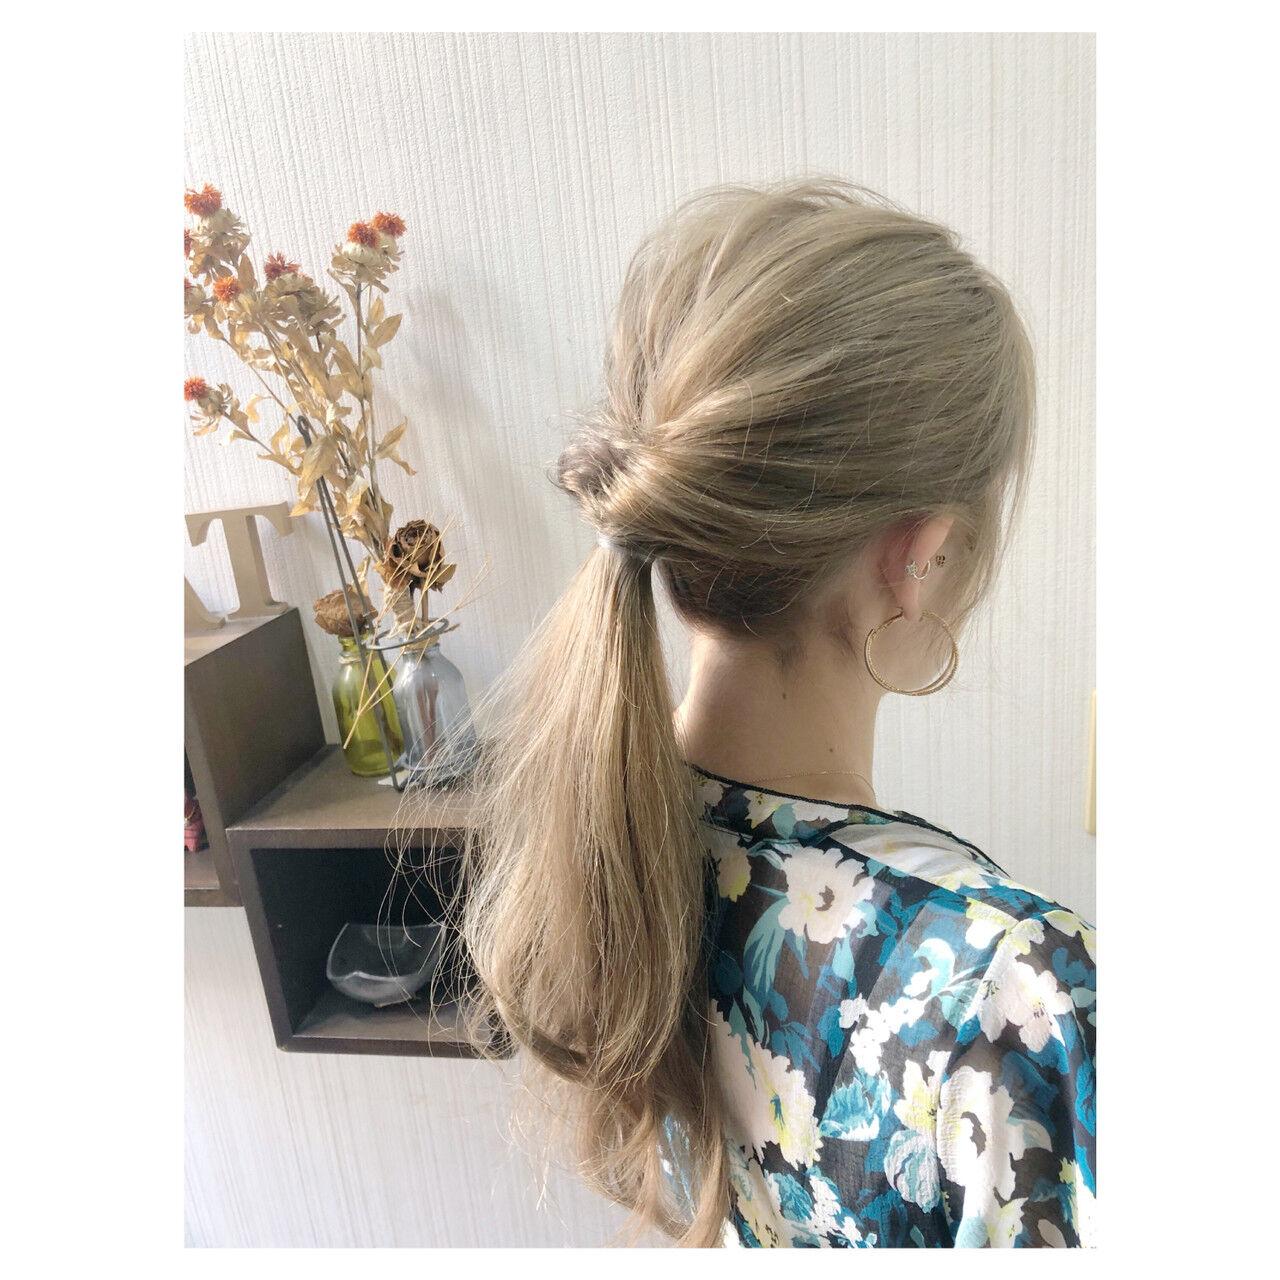 セミロング ヘアアレンジ オフィス ミルクティーヘアスタイルや髪型の写真・画像